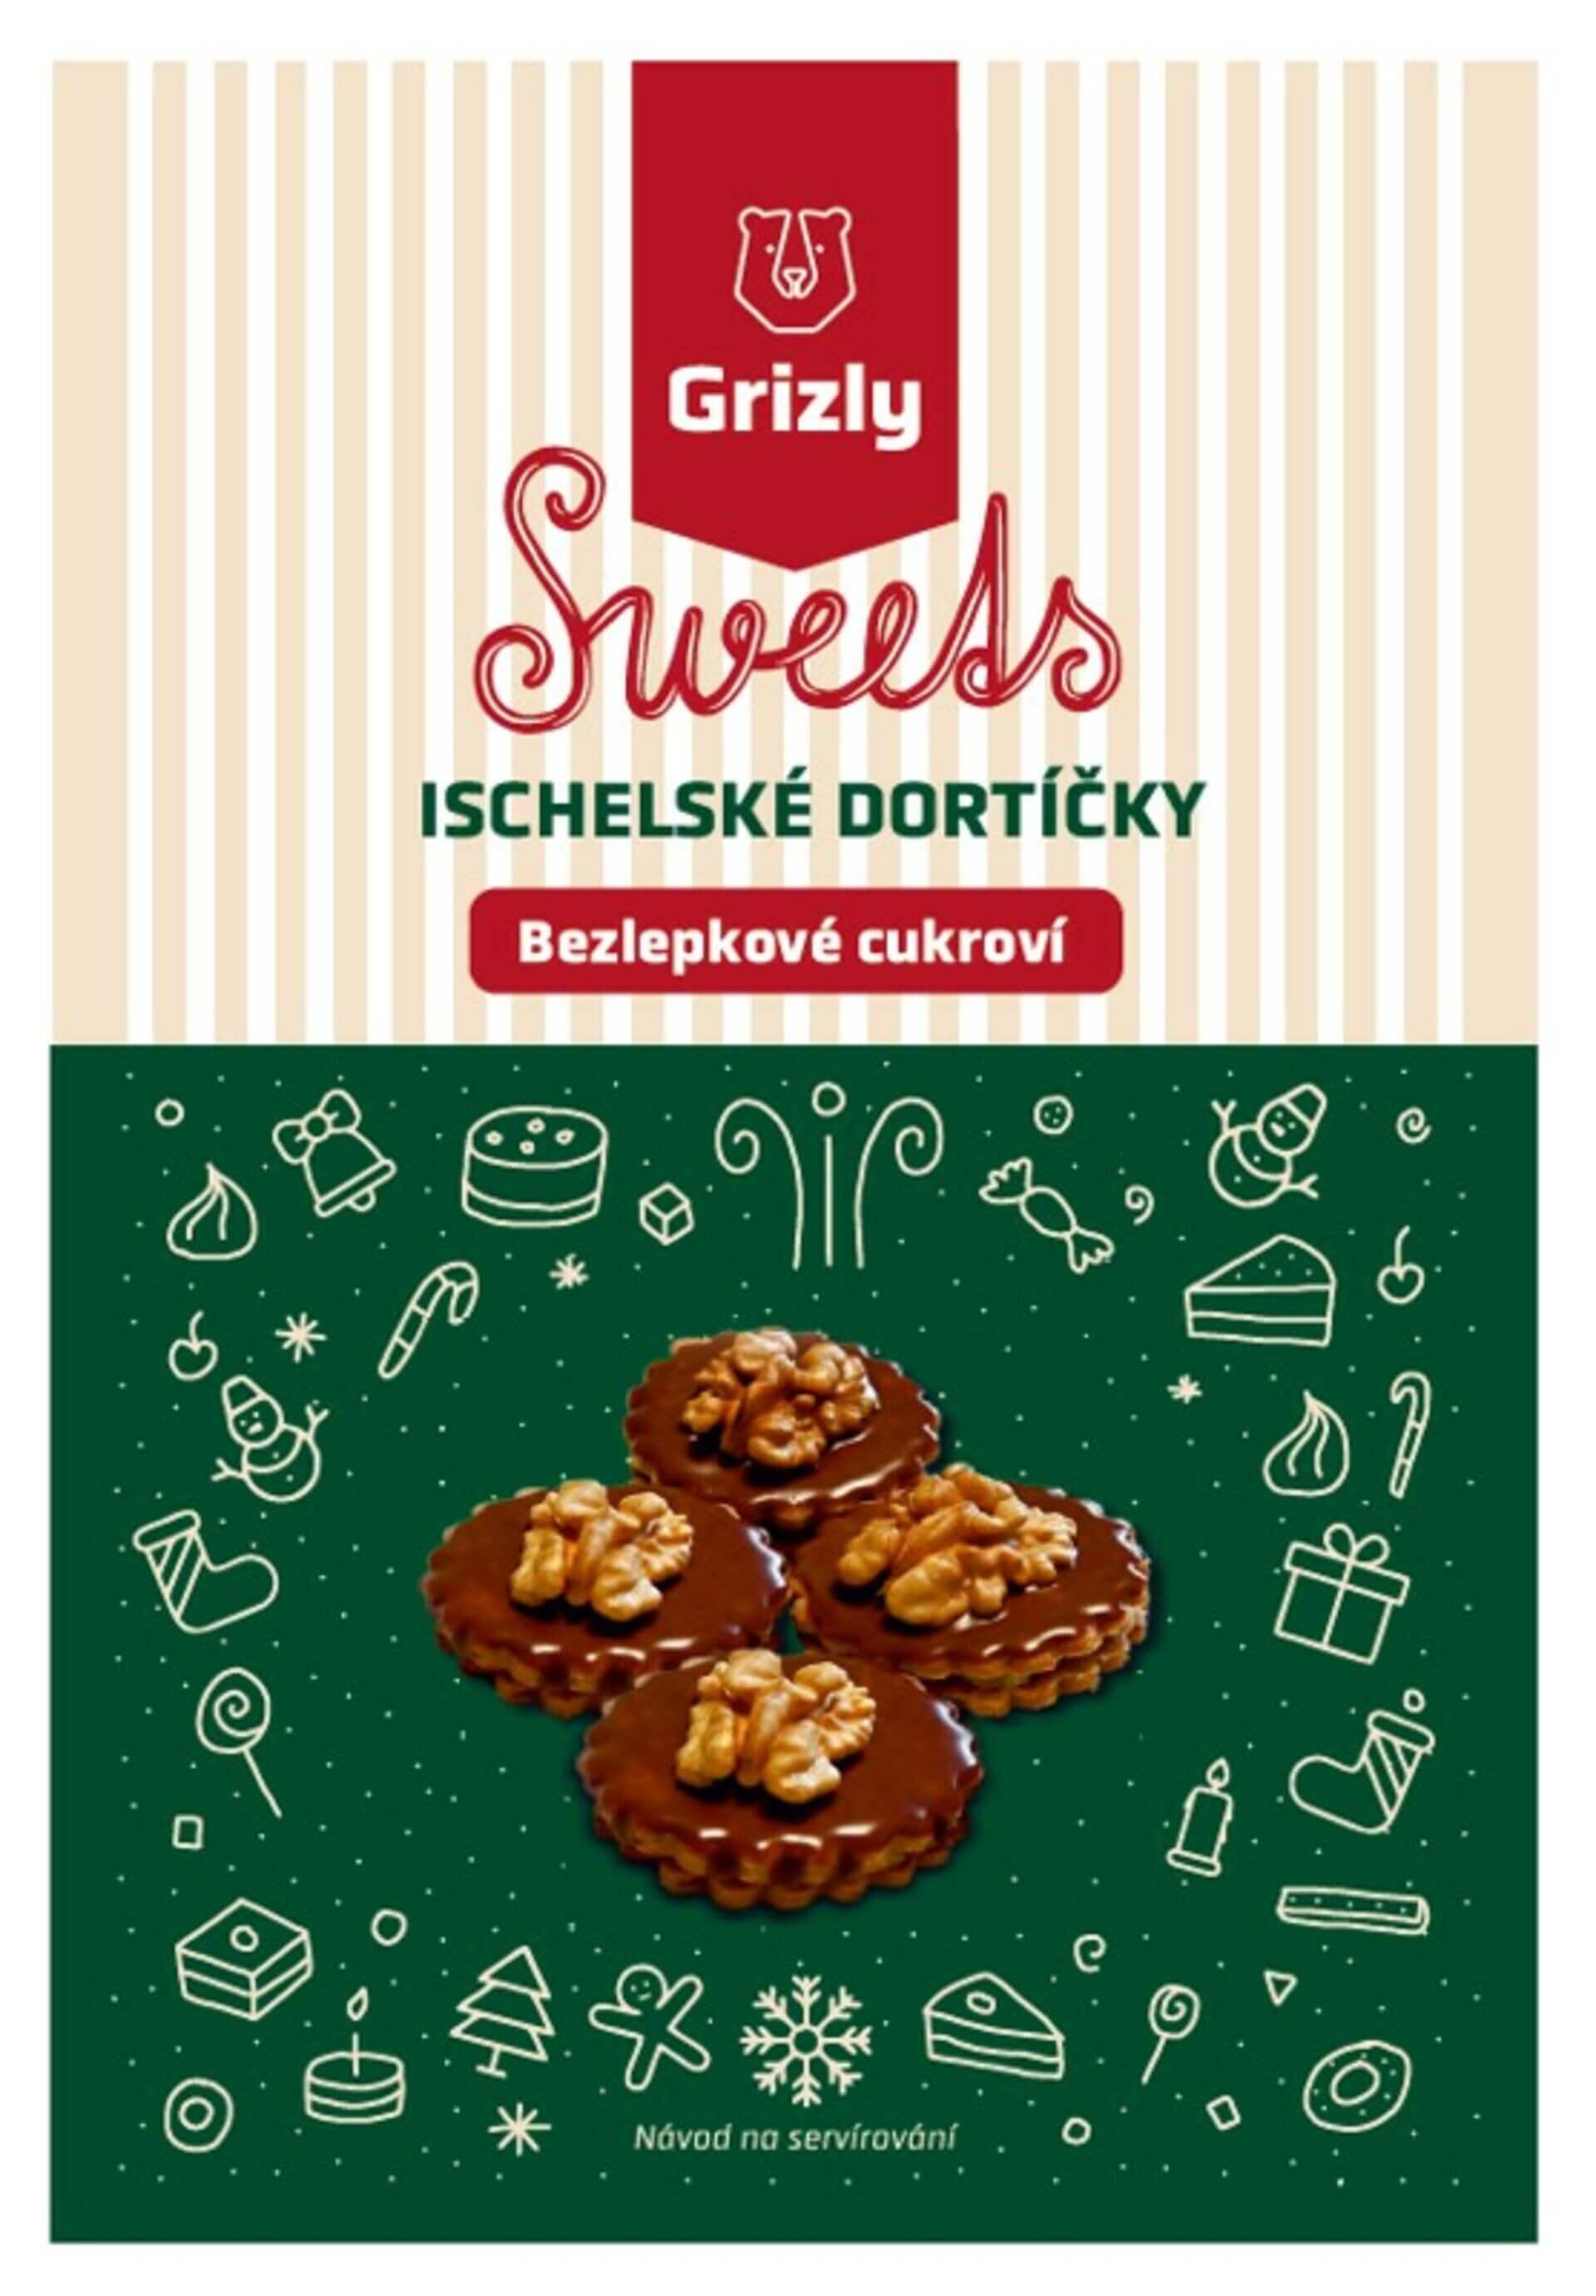 GRIZLY Sweets Směs na ischelské dortíčky bezlepkové 340 g